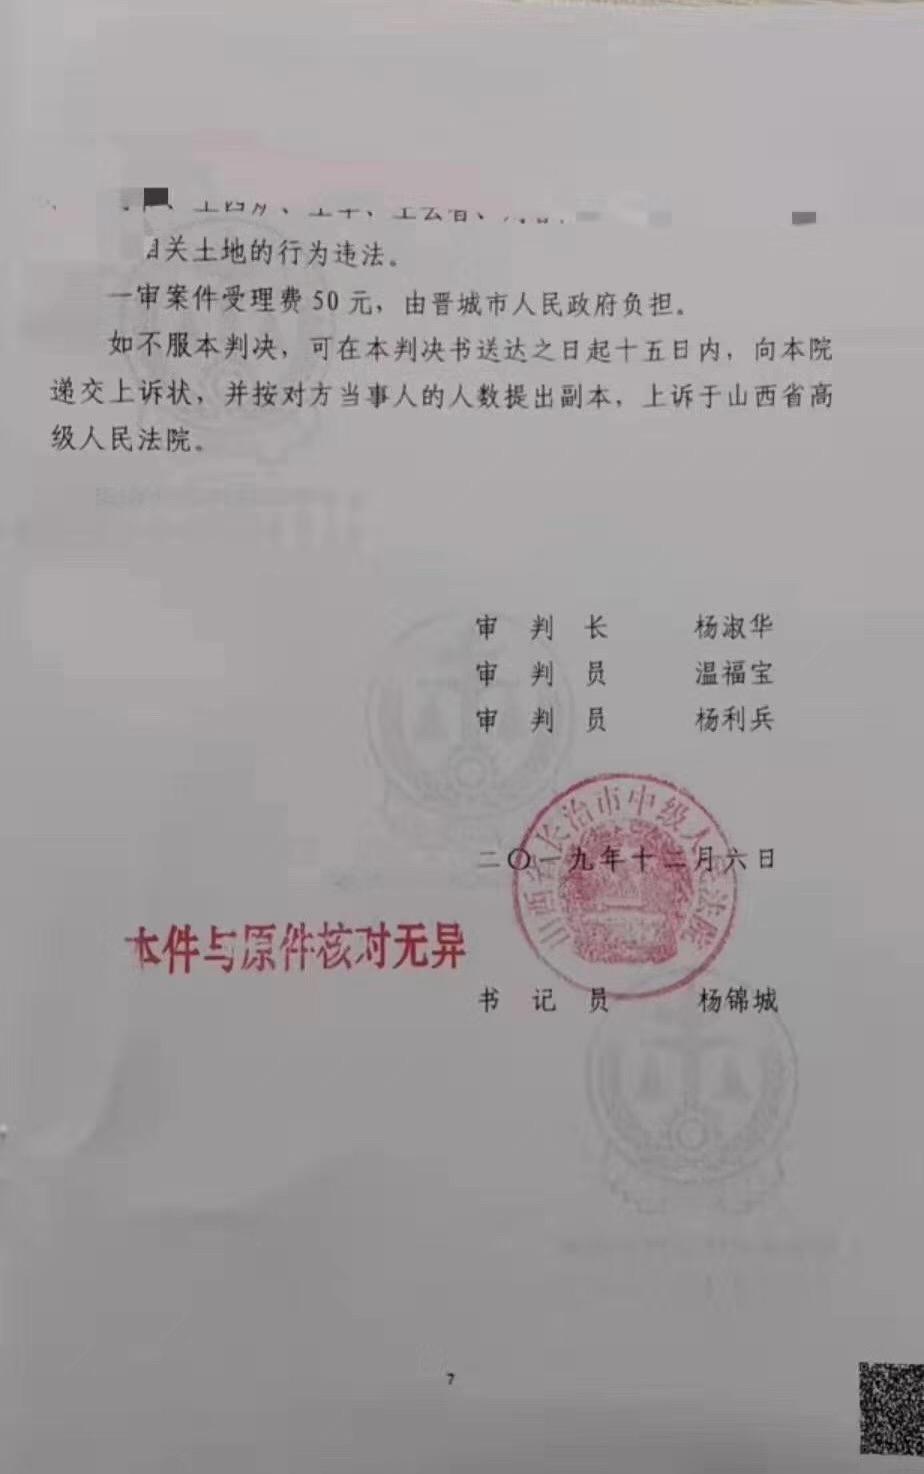 山西长治:非法占地,法院判决违法